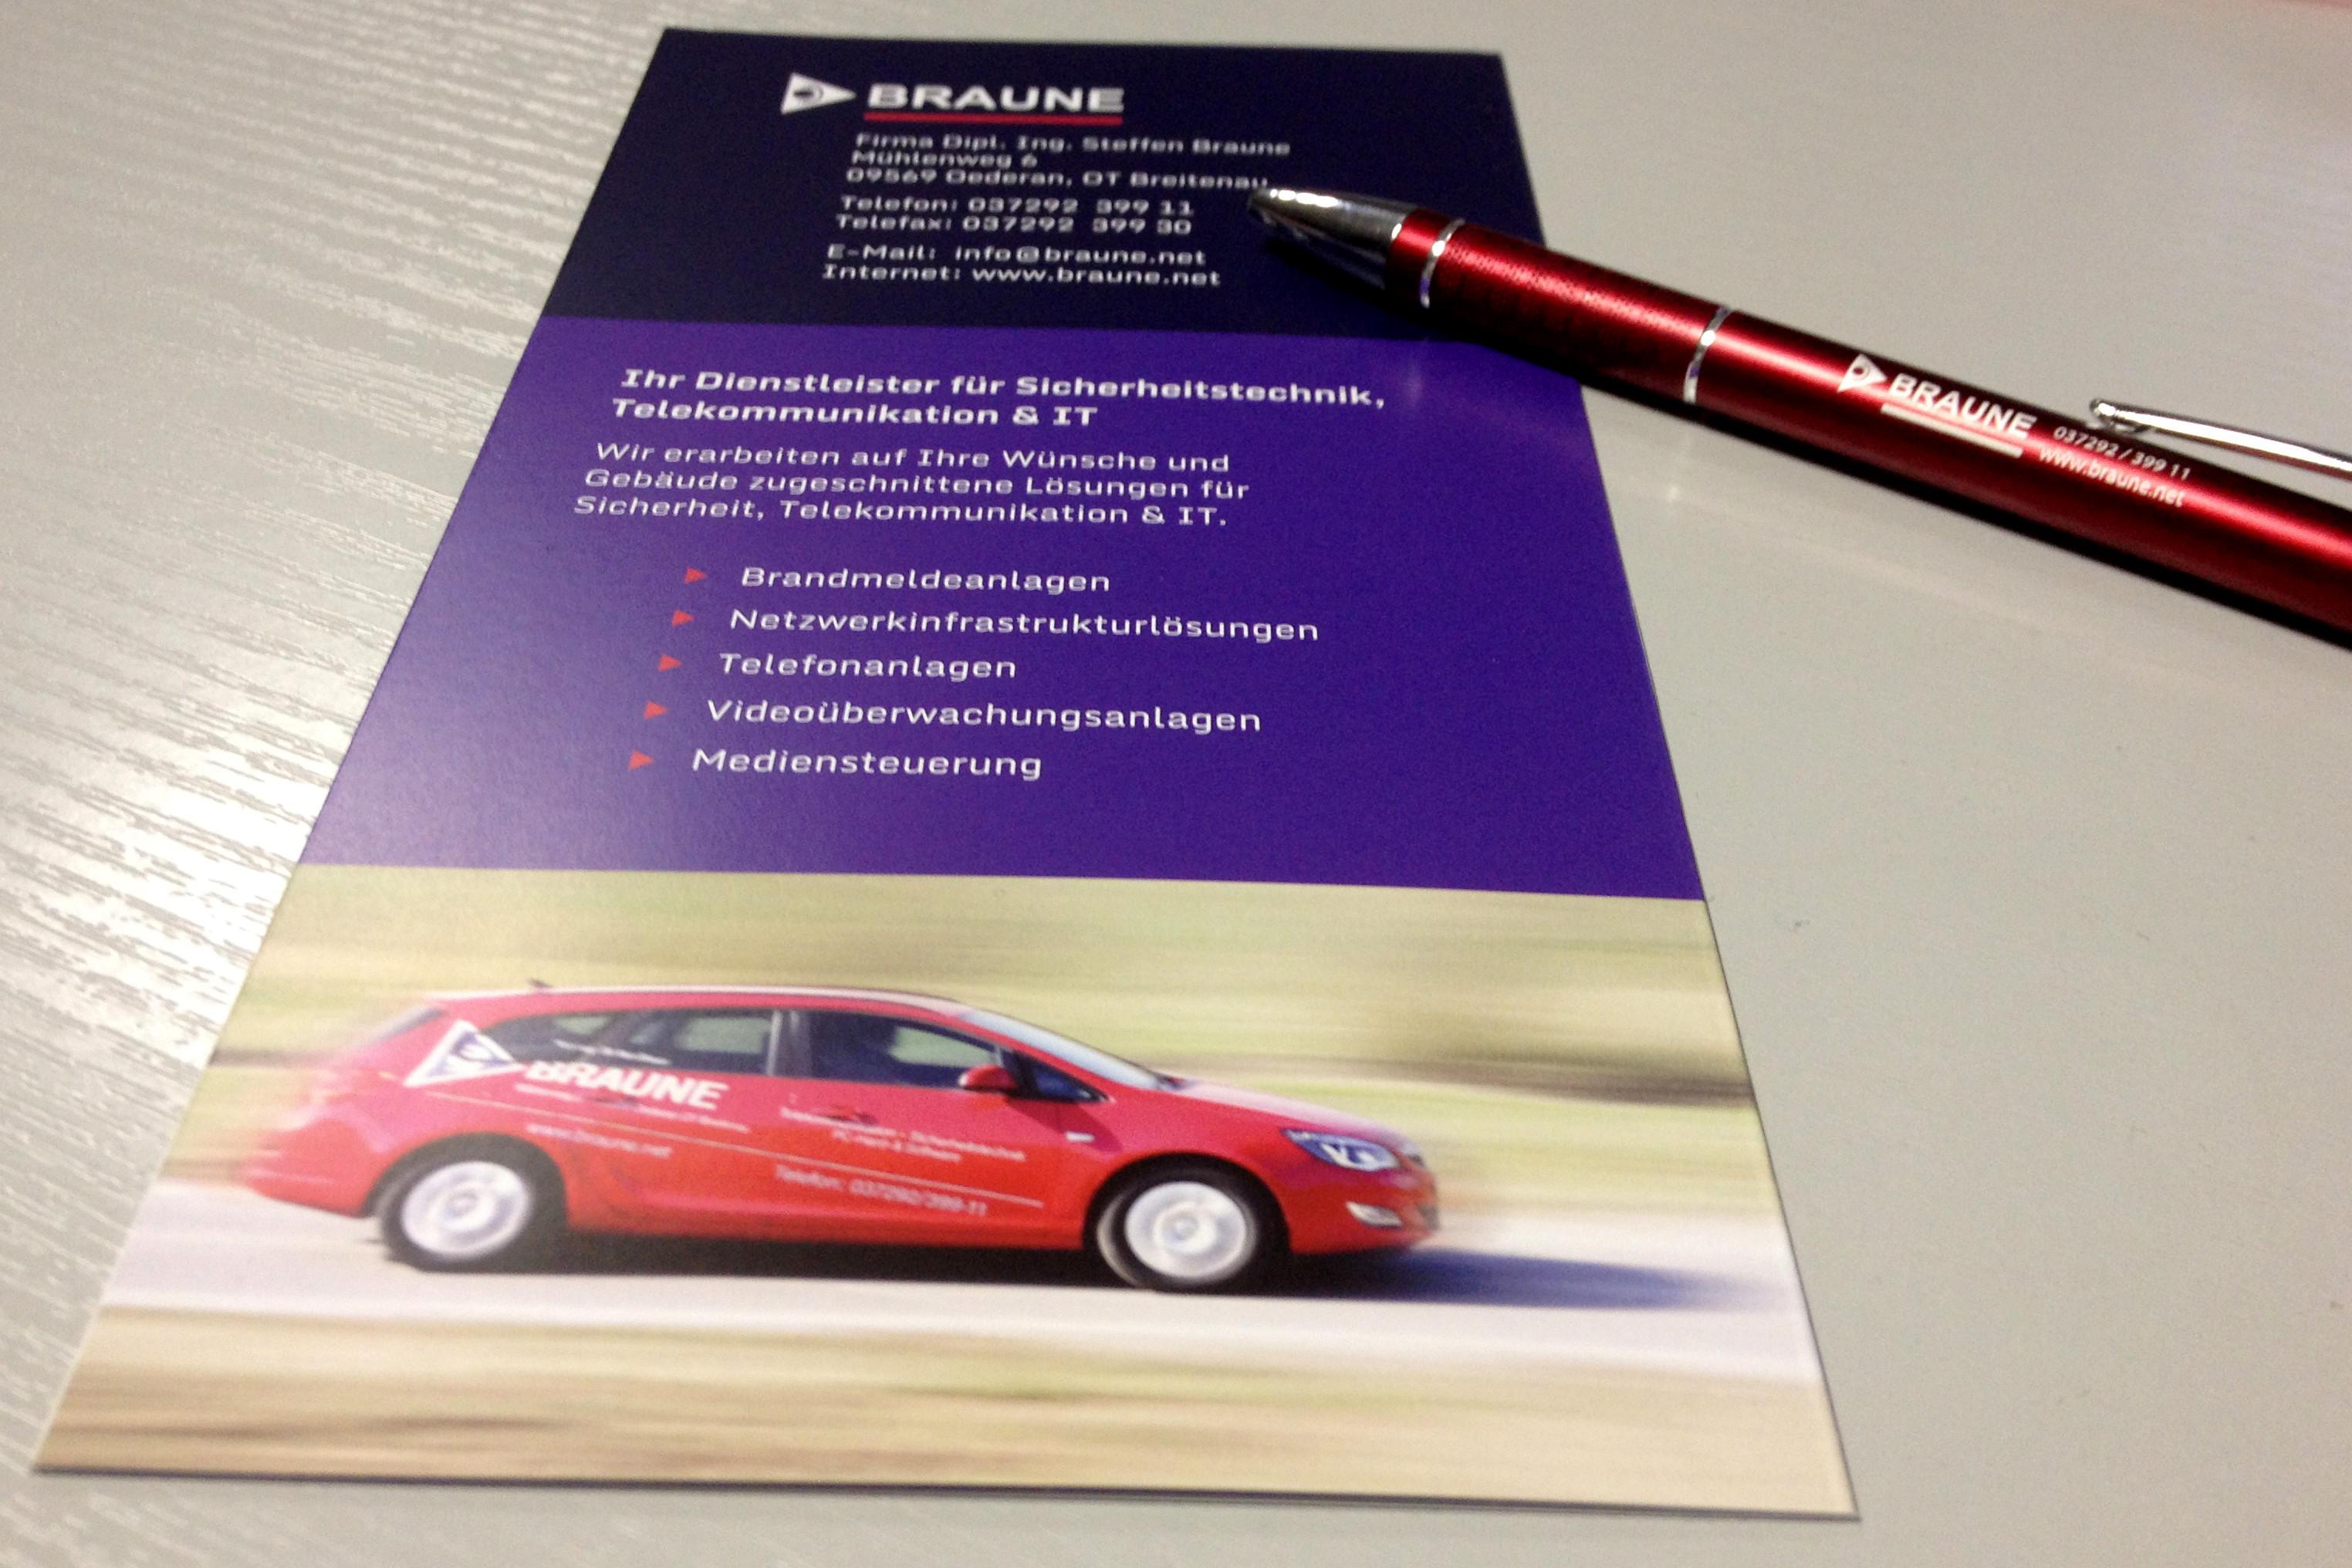 Flyer Firma BRAUNE Sicherheitstechnik & IT